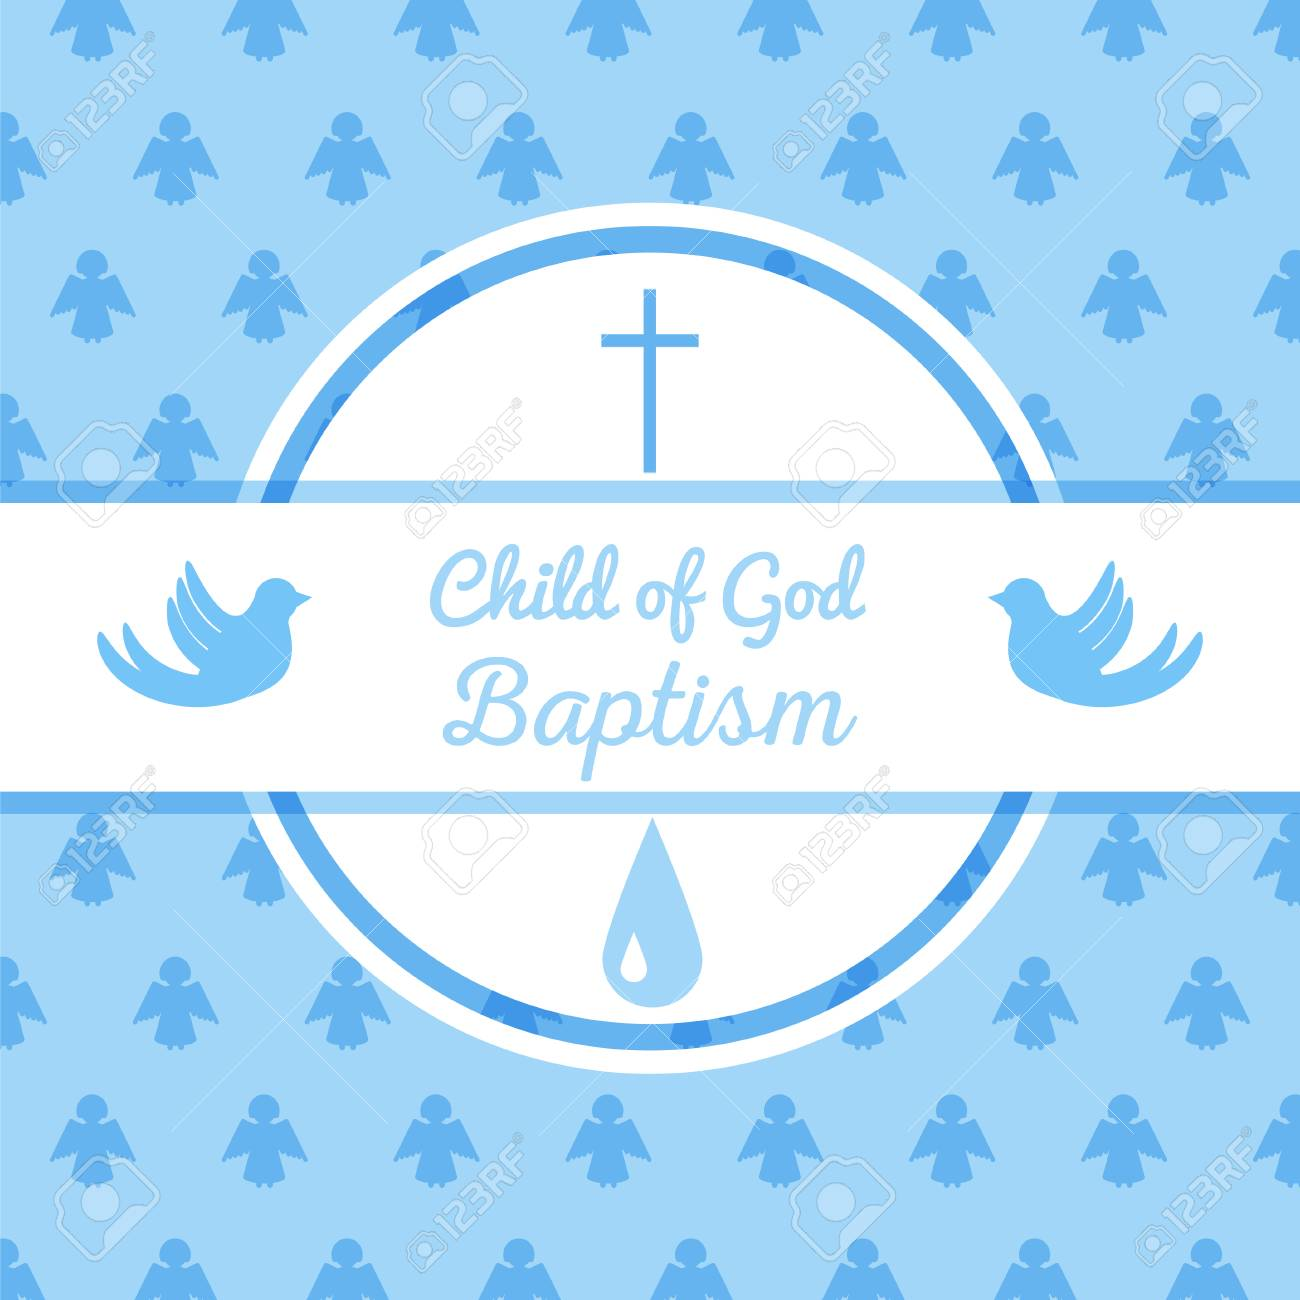 plantilla de tarjeta de invitación de bautismo ejemplo común del